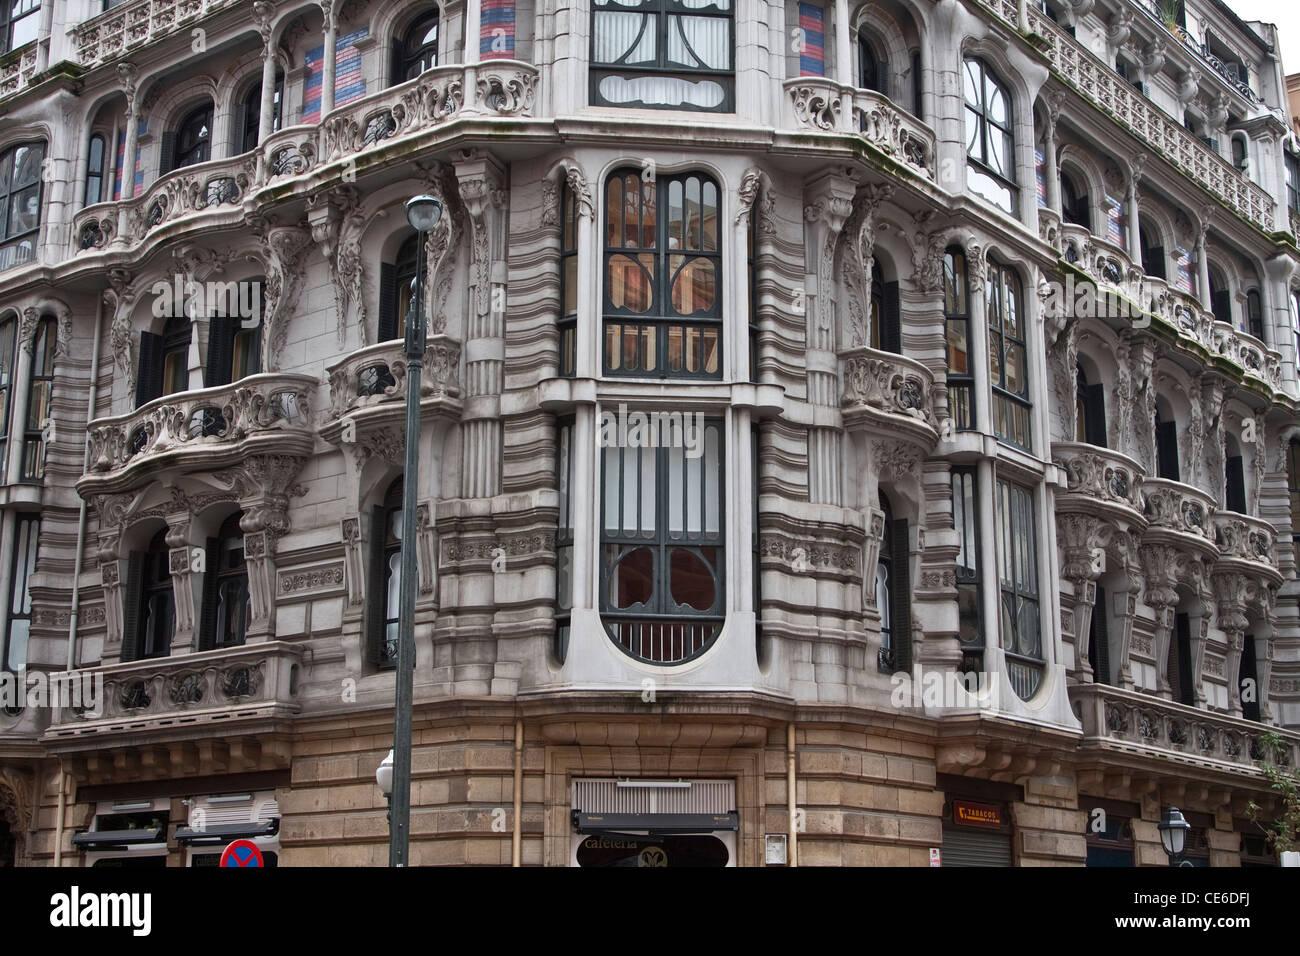 Casa montero art nouveau modernist architecture bilbao basque stock phot - Architecture maison basque ...